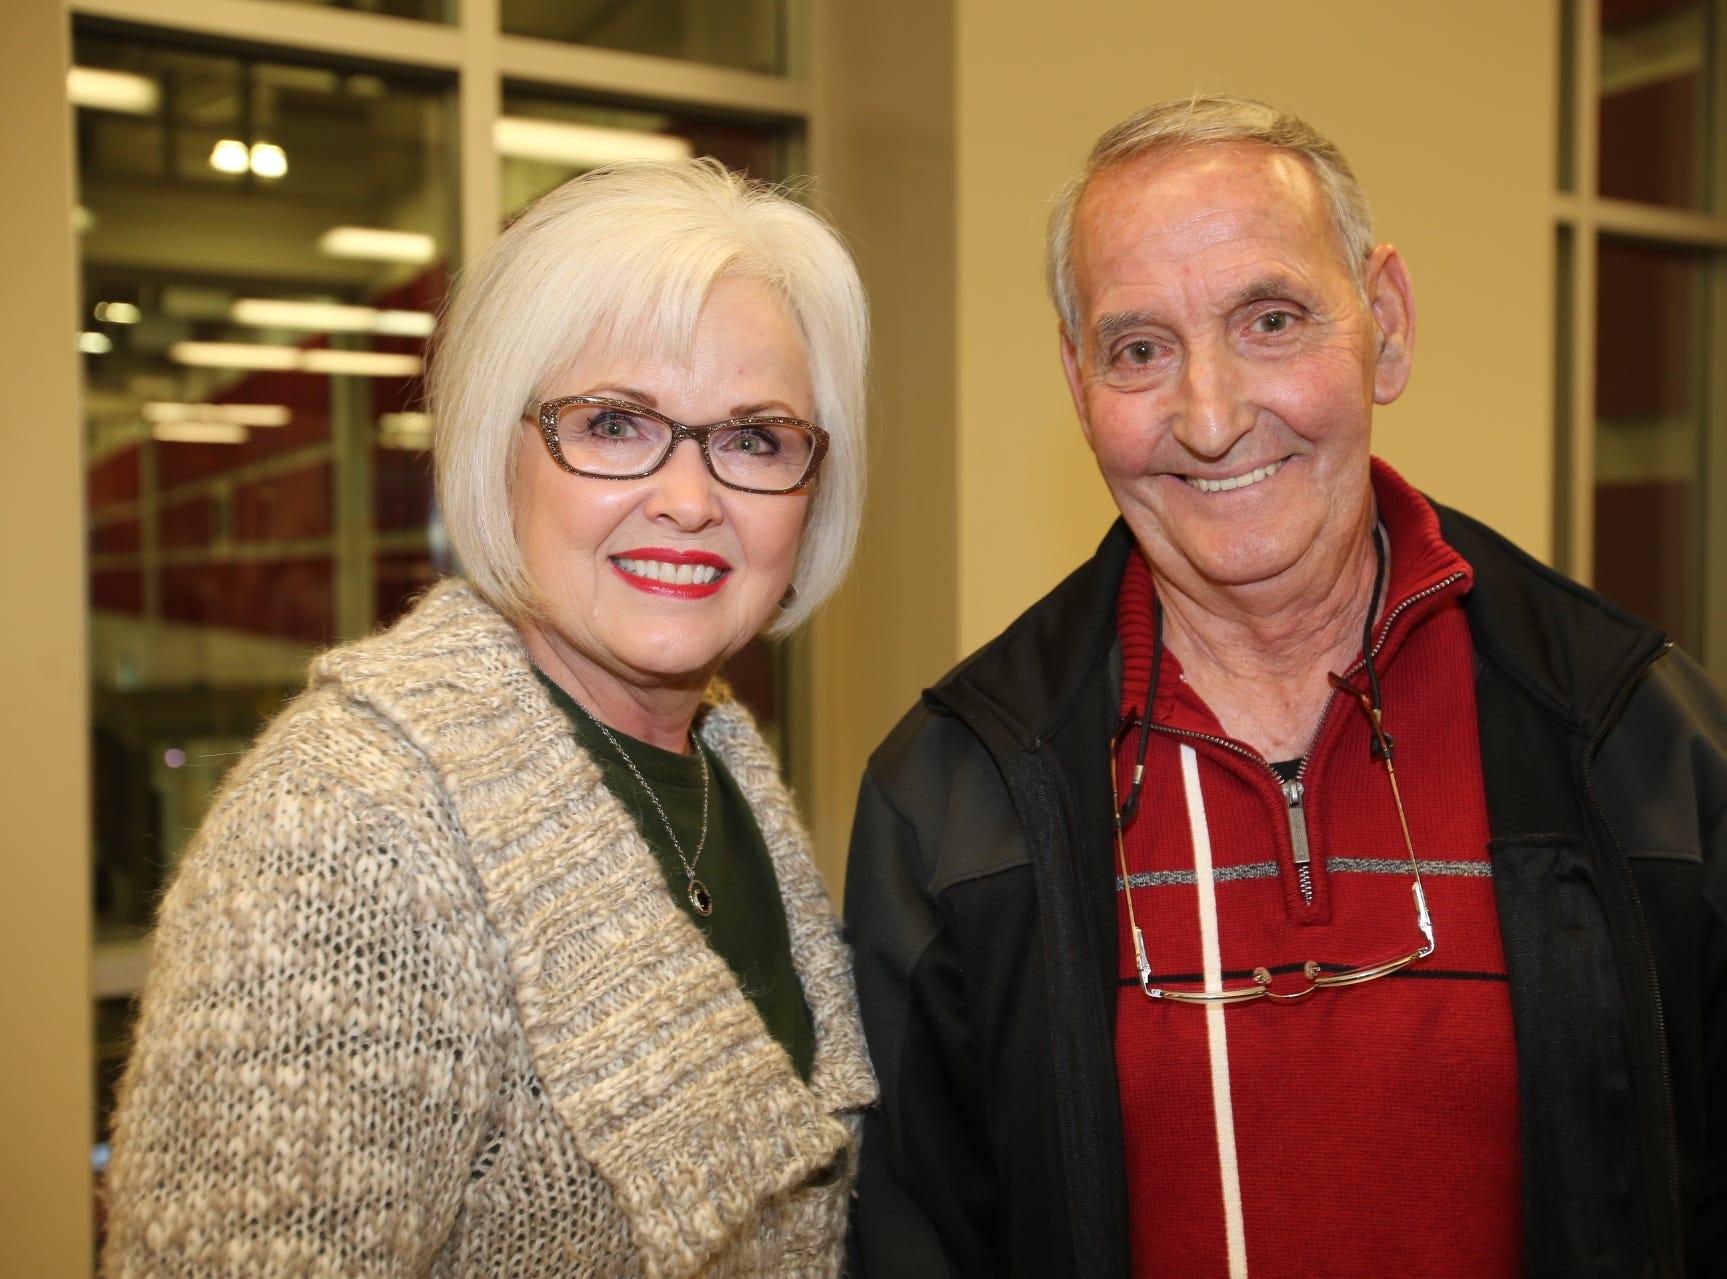 Brenda and Wayne Howser